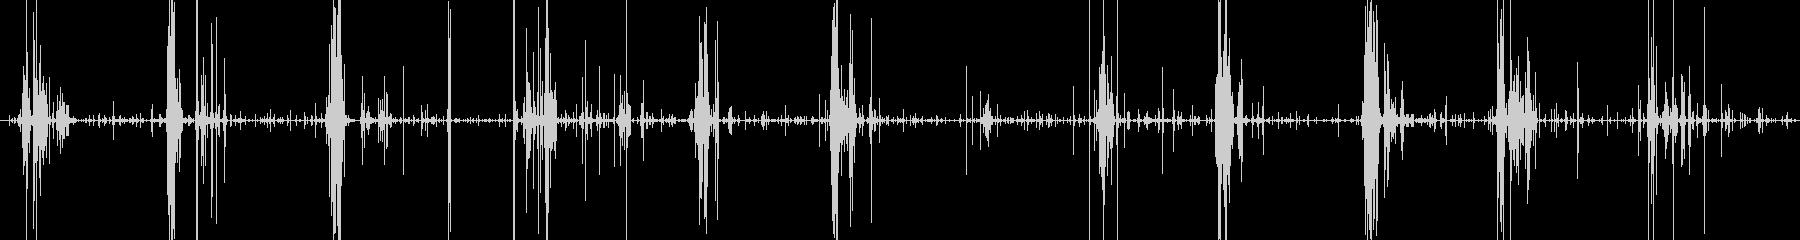 メガ焼きマシュマロ食べる音サクシュワの未再生の波形